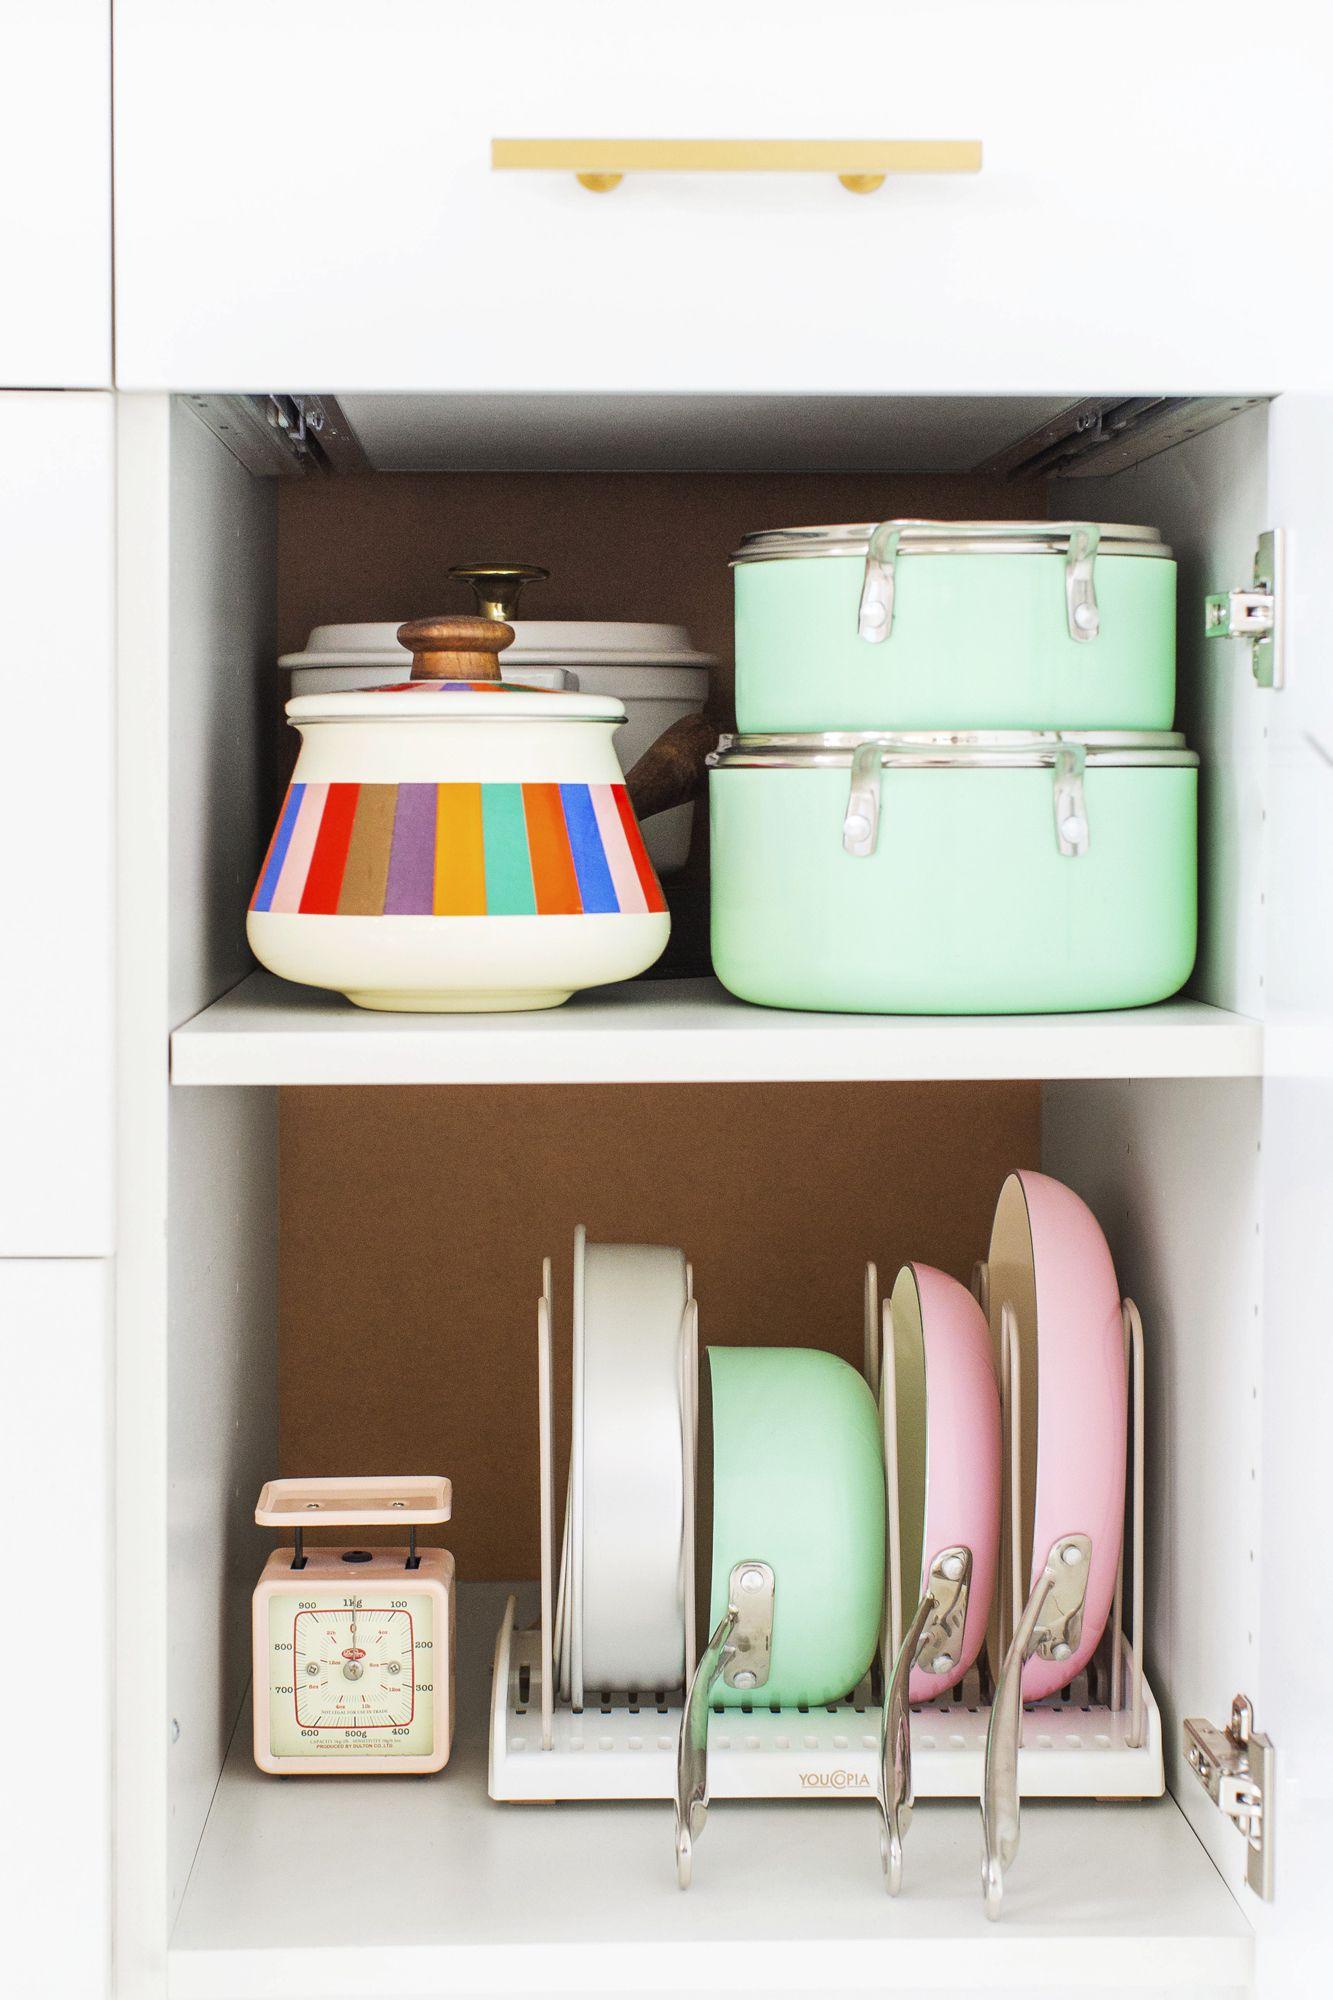 Maximiser l'espace de rangement - poeles et casseroles - Via Capitale